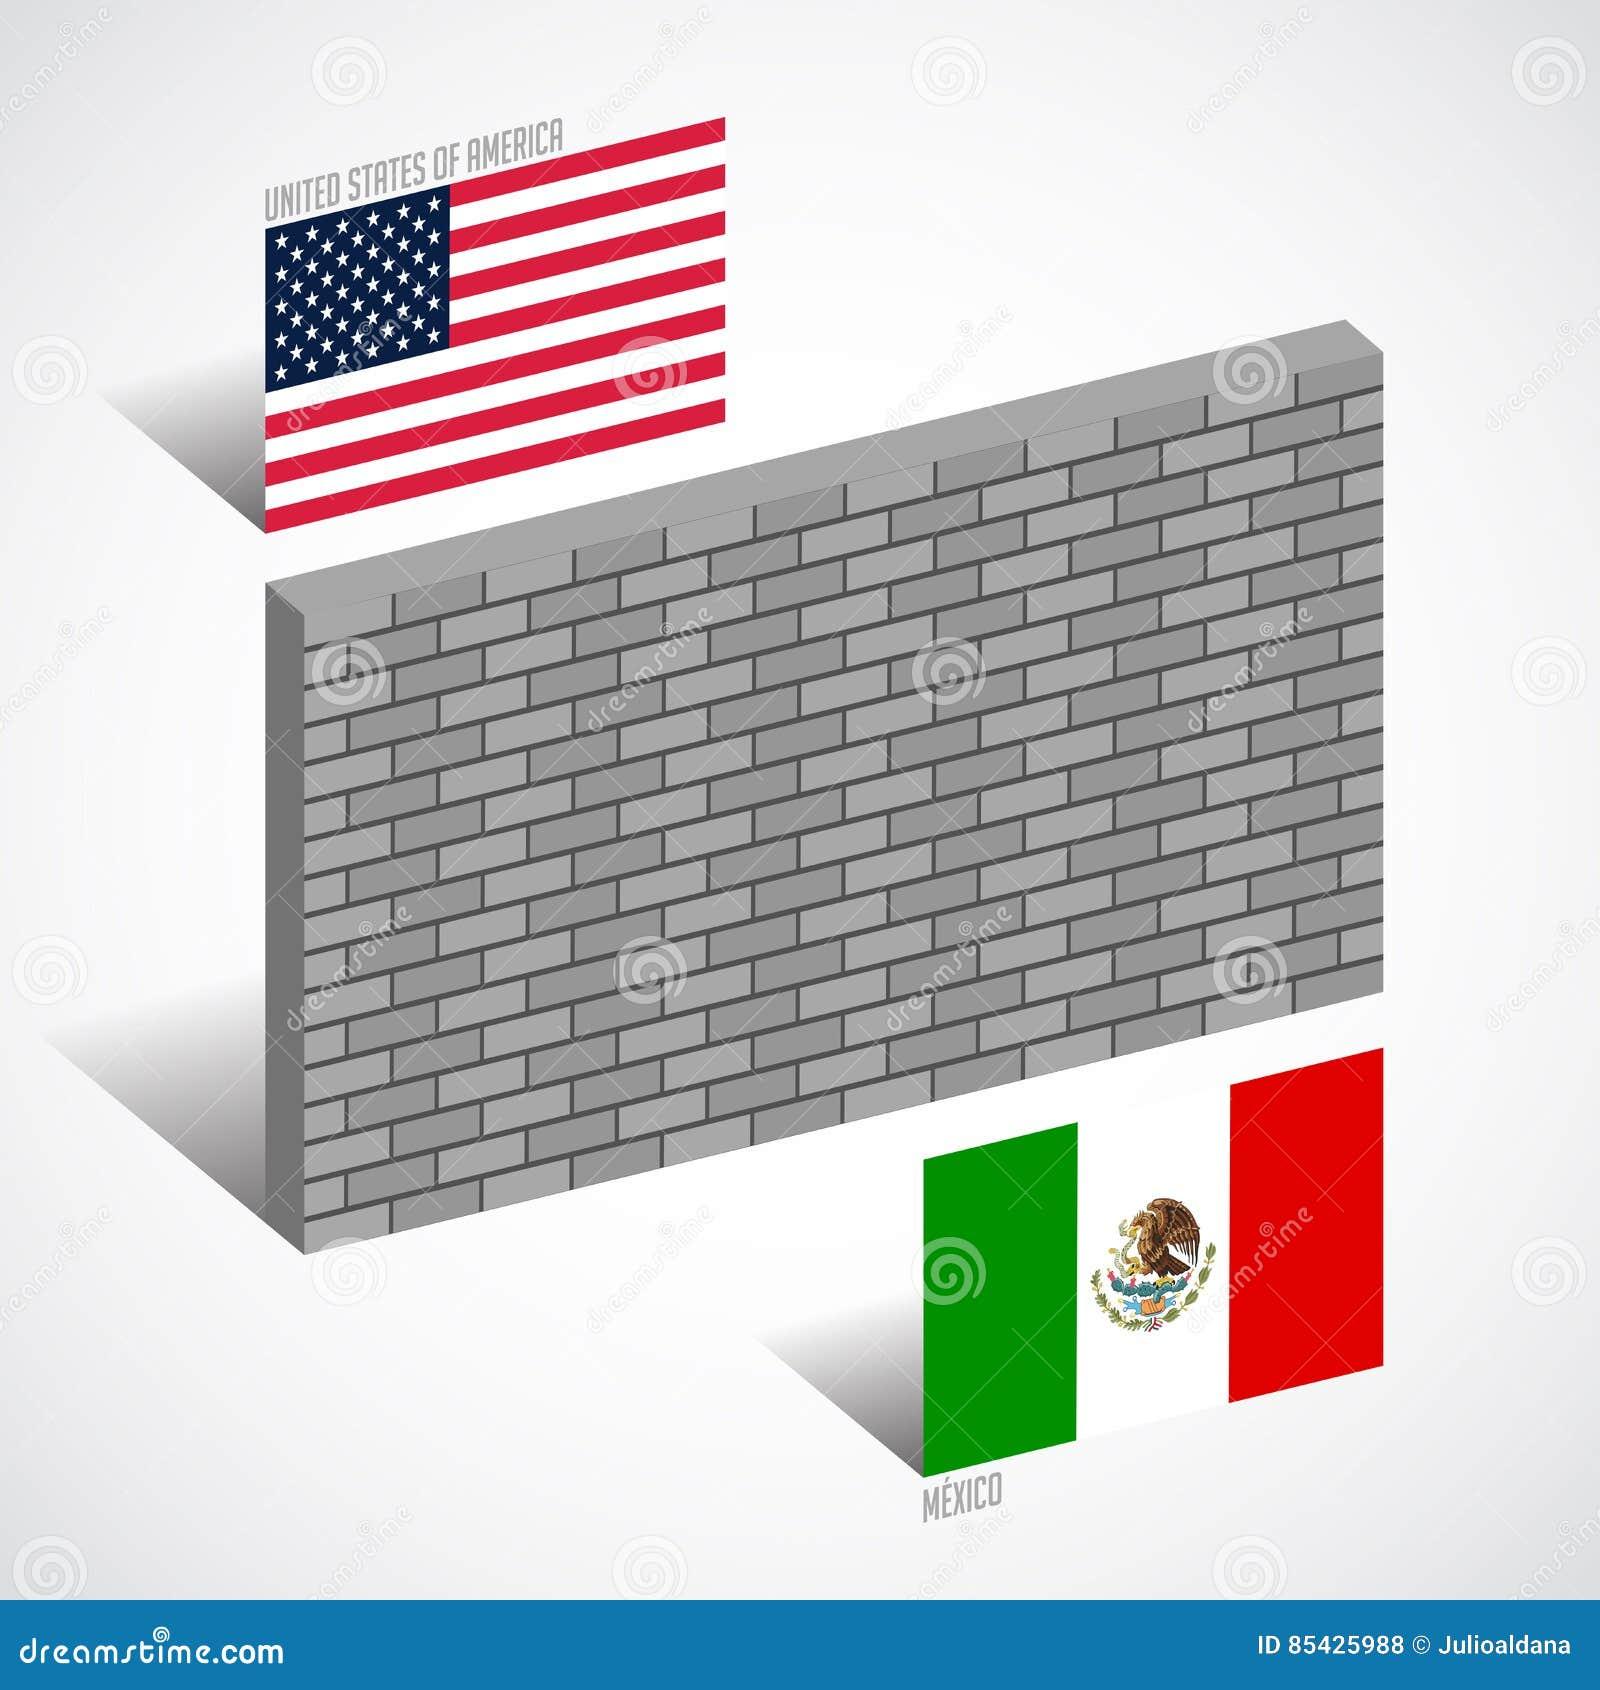 Τοίχος μεταξύ των Ηνωμένων Πολιτειών και του Μεξικού, έννοια τοίχων συνόρων